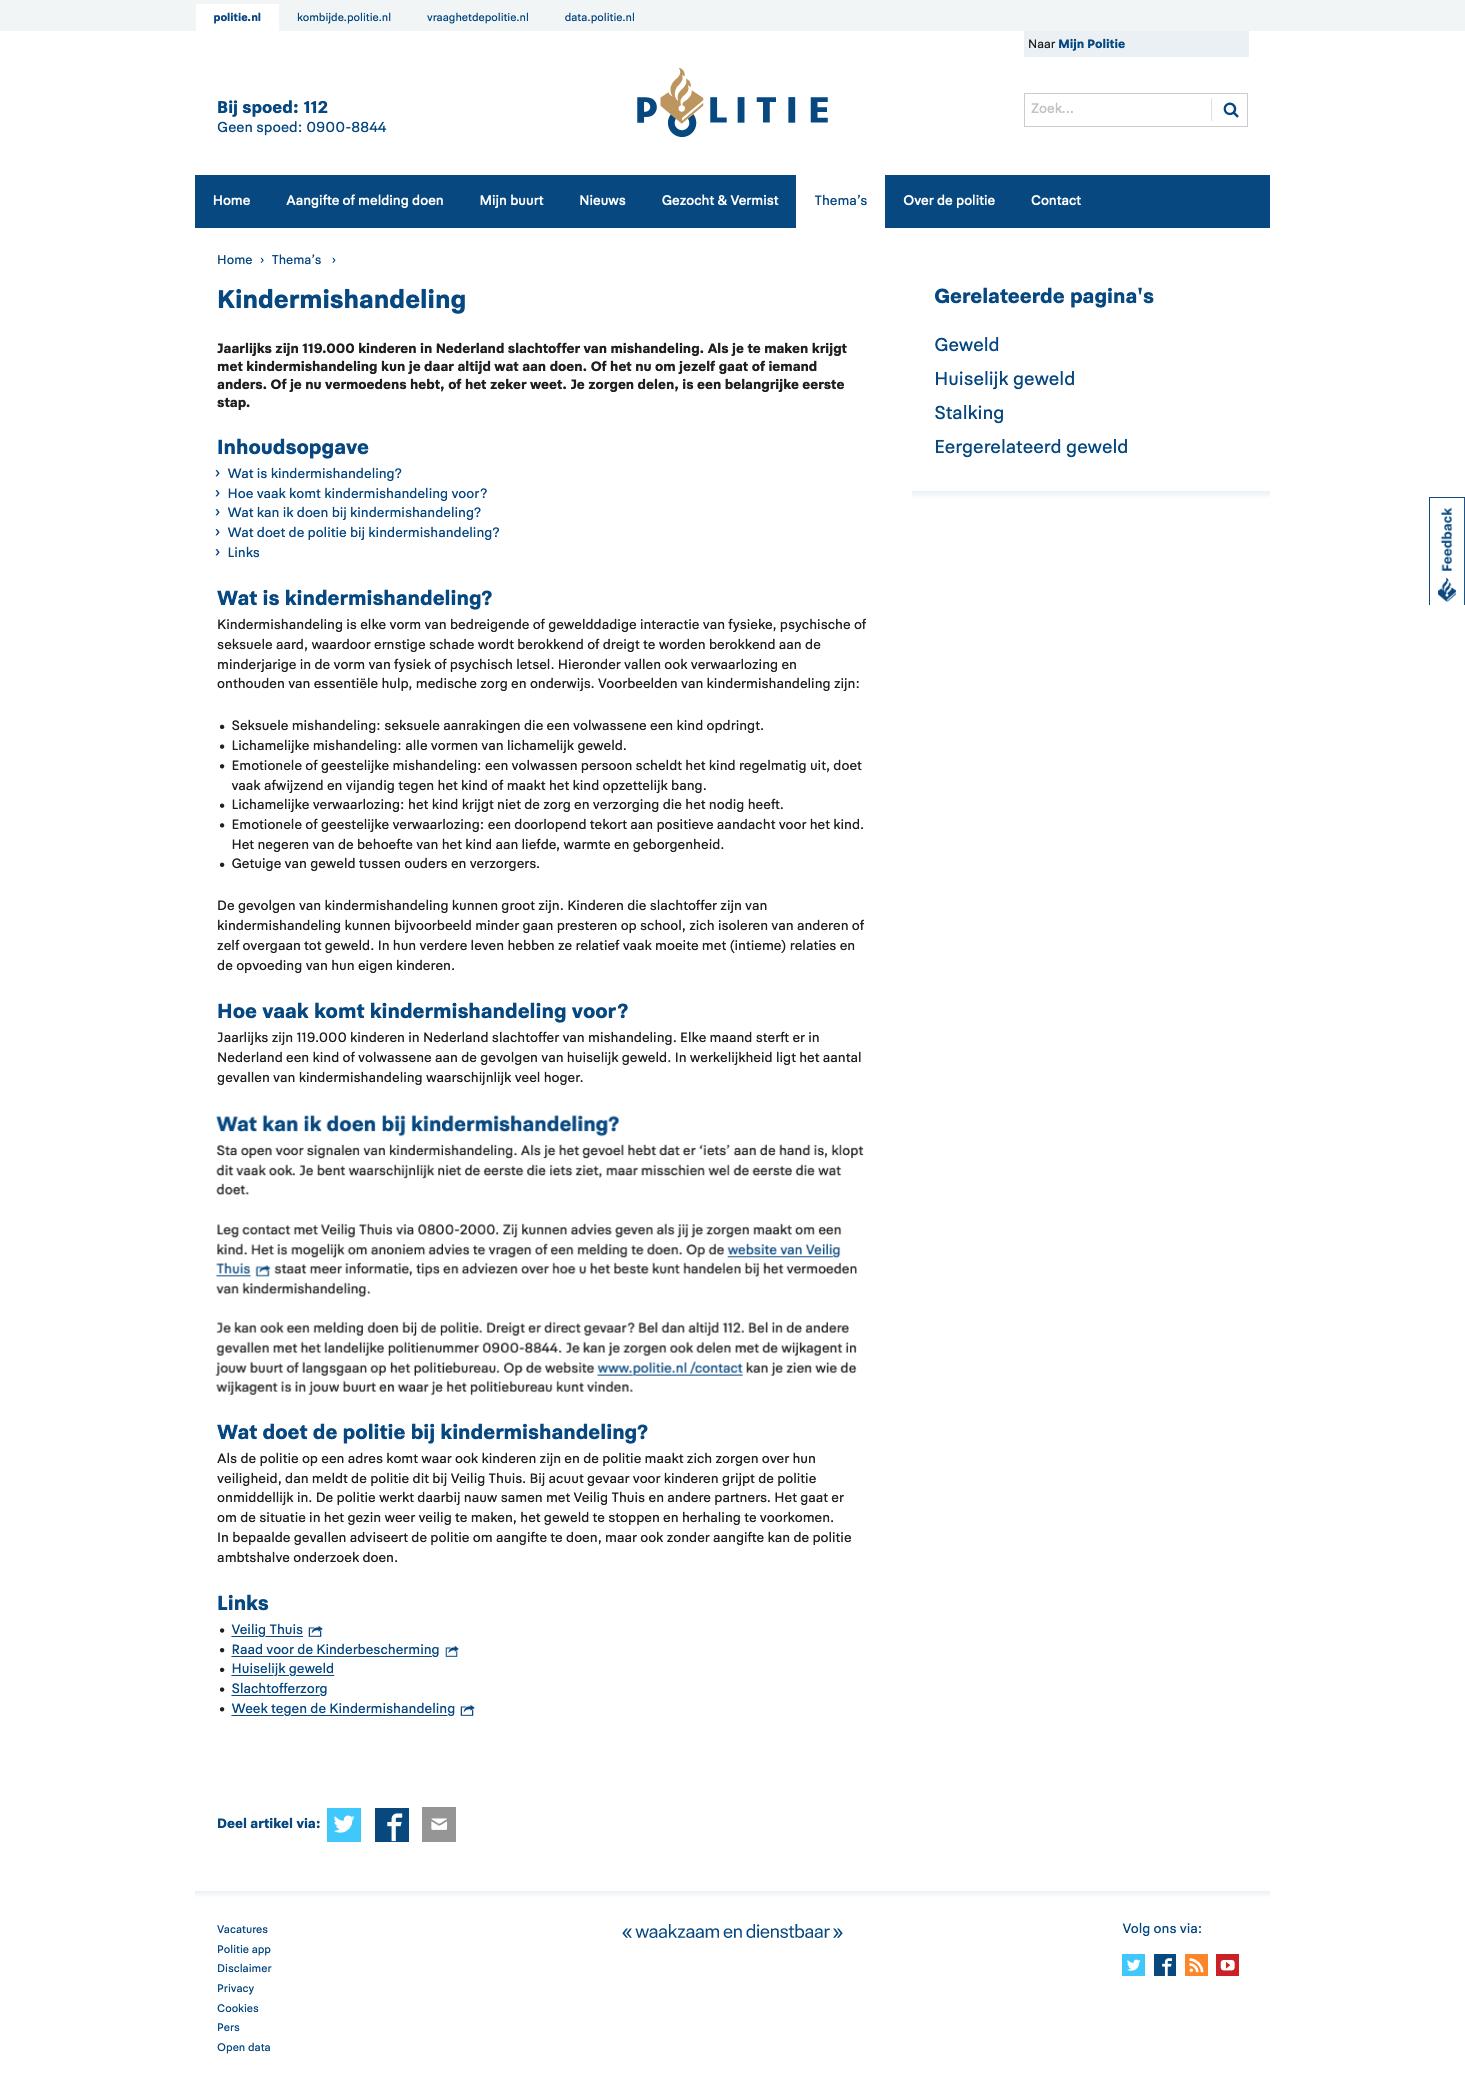 Screenshot van een pagina op Politie.nl over kindermishandeling.